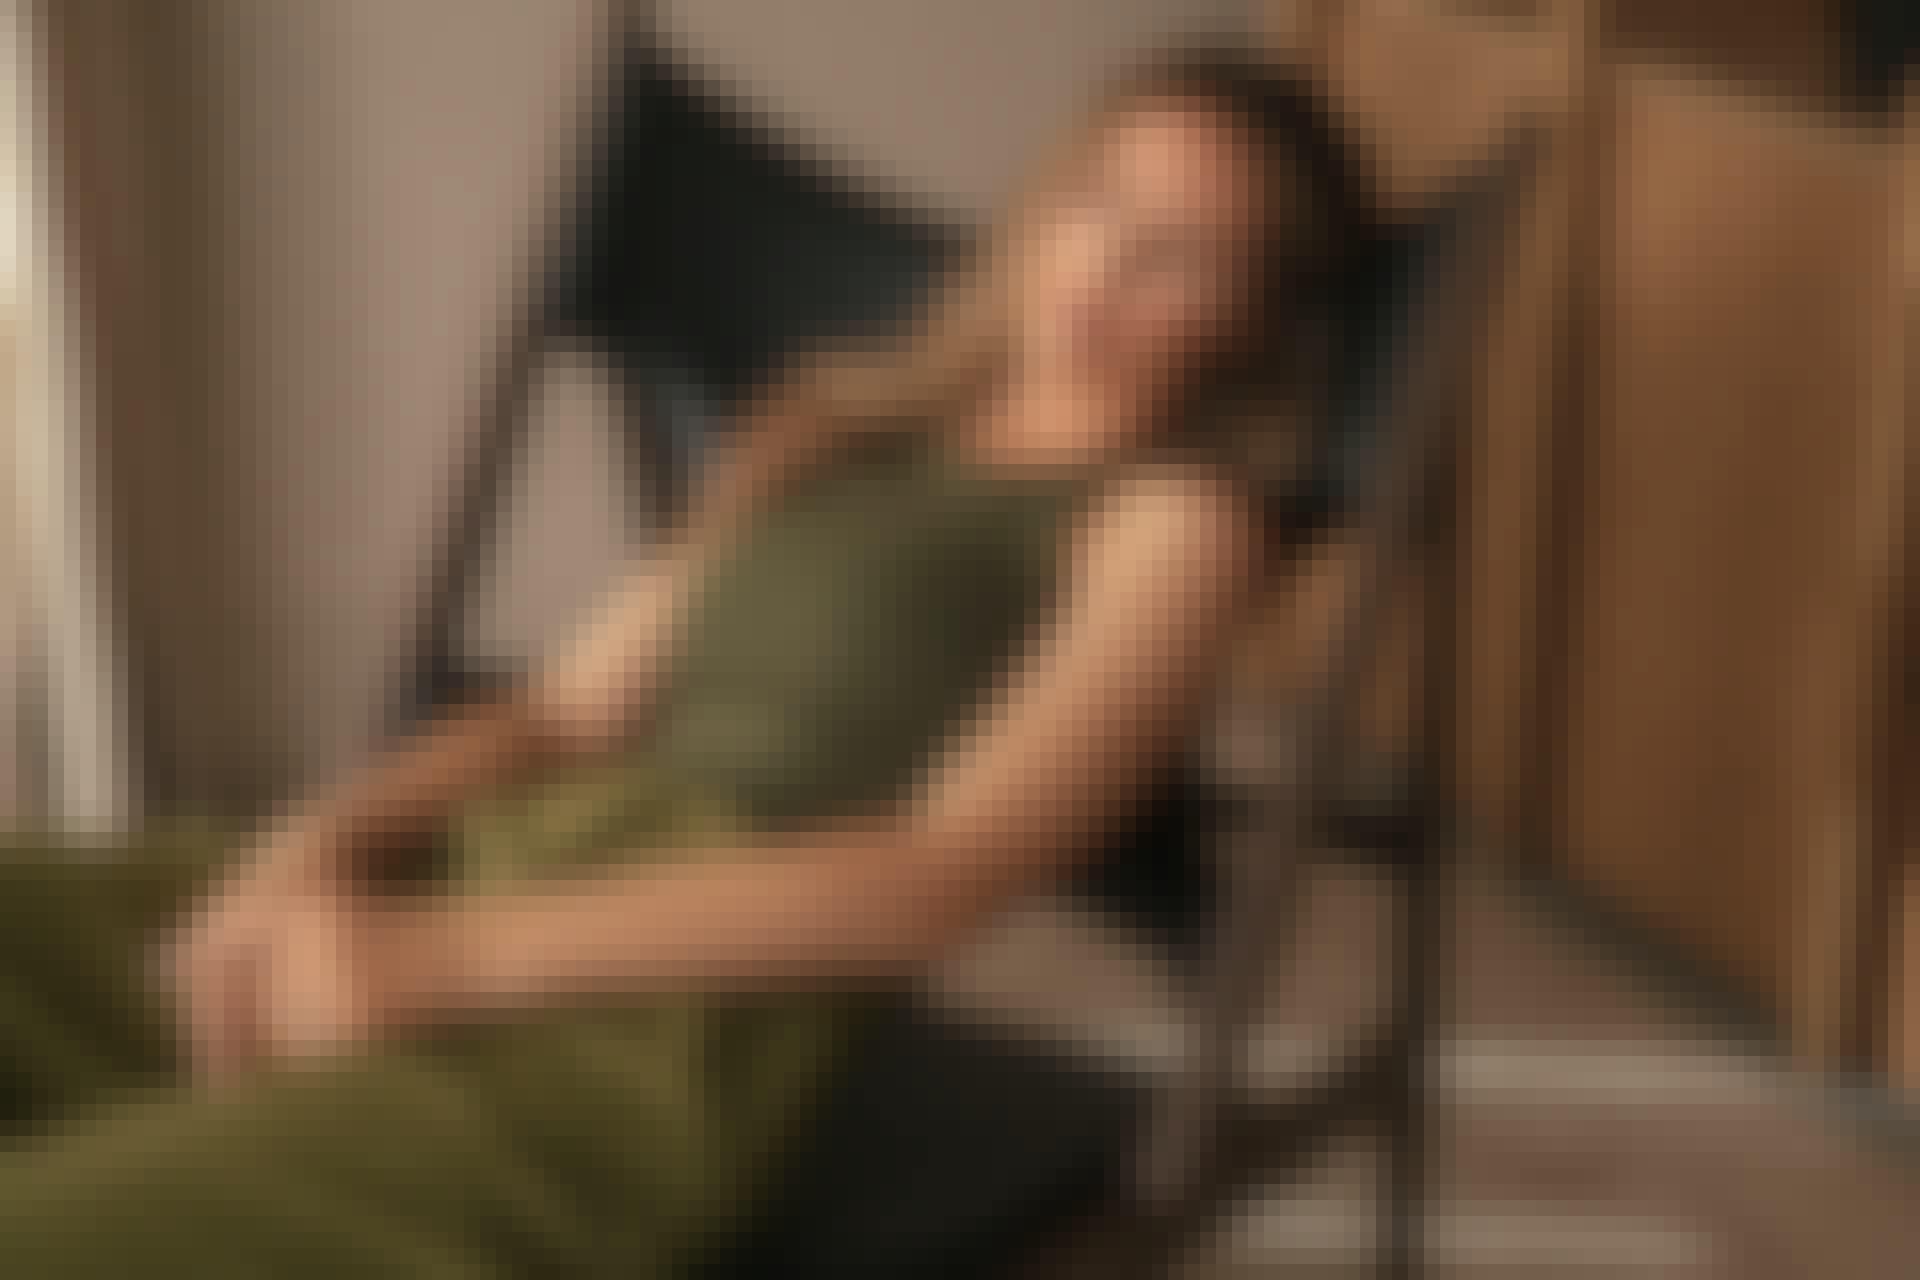 Designsamarbejdet mellem nakd og mathilde gøhler med grøn top